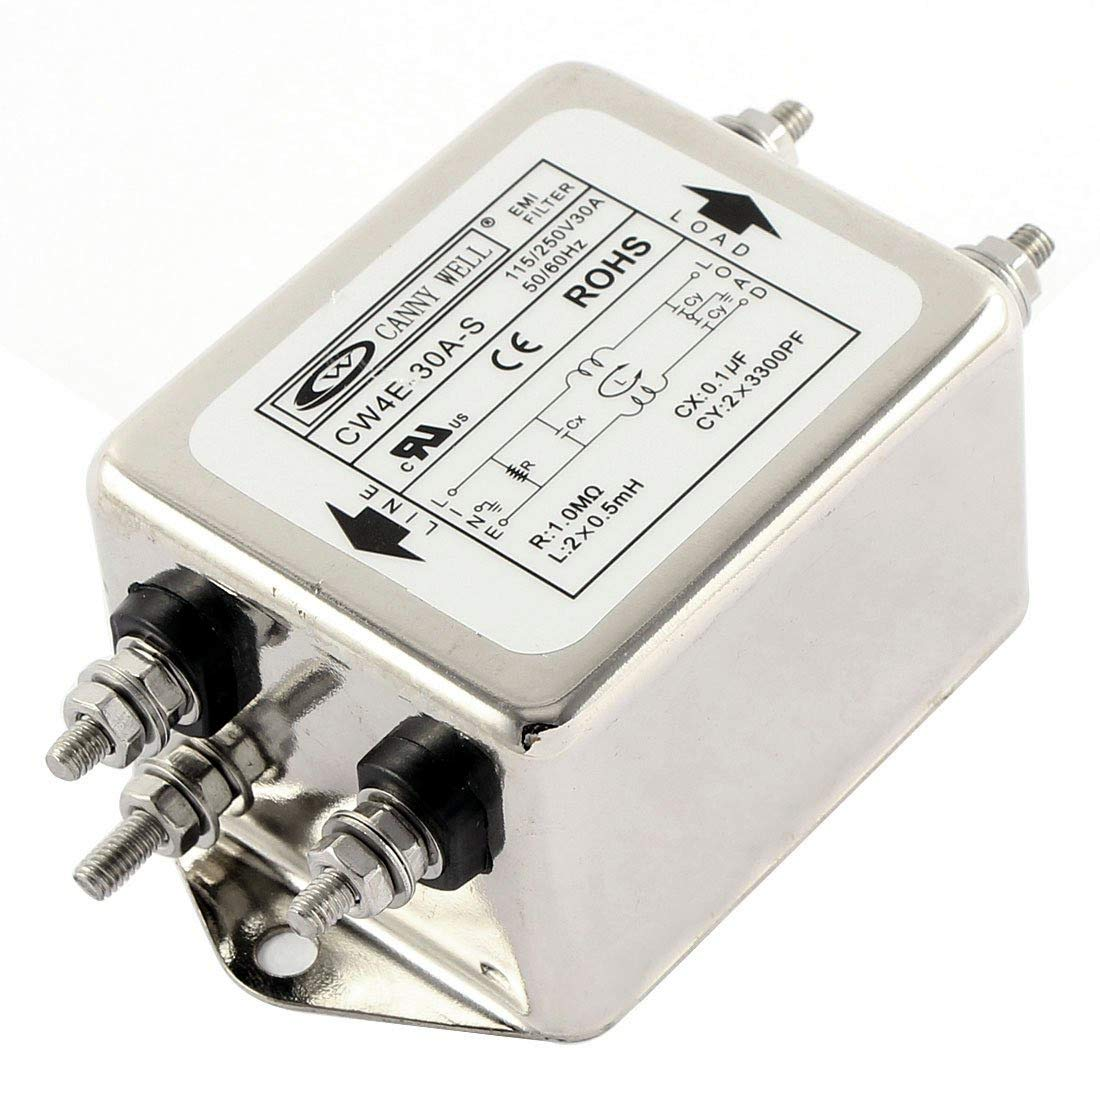 HLin AC 115/250V 30A CW4E-30A-S Noise Suppressor Power EMI Filter AC Power Line EMI Filter